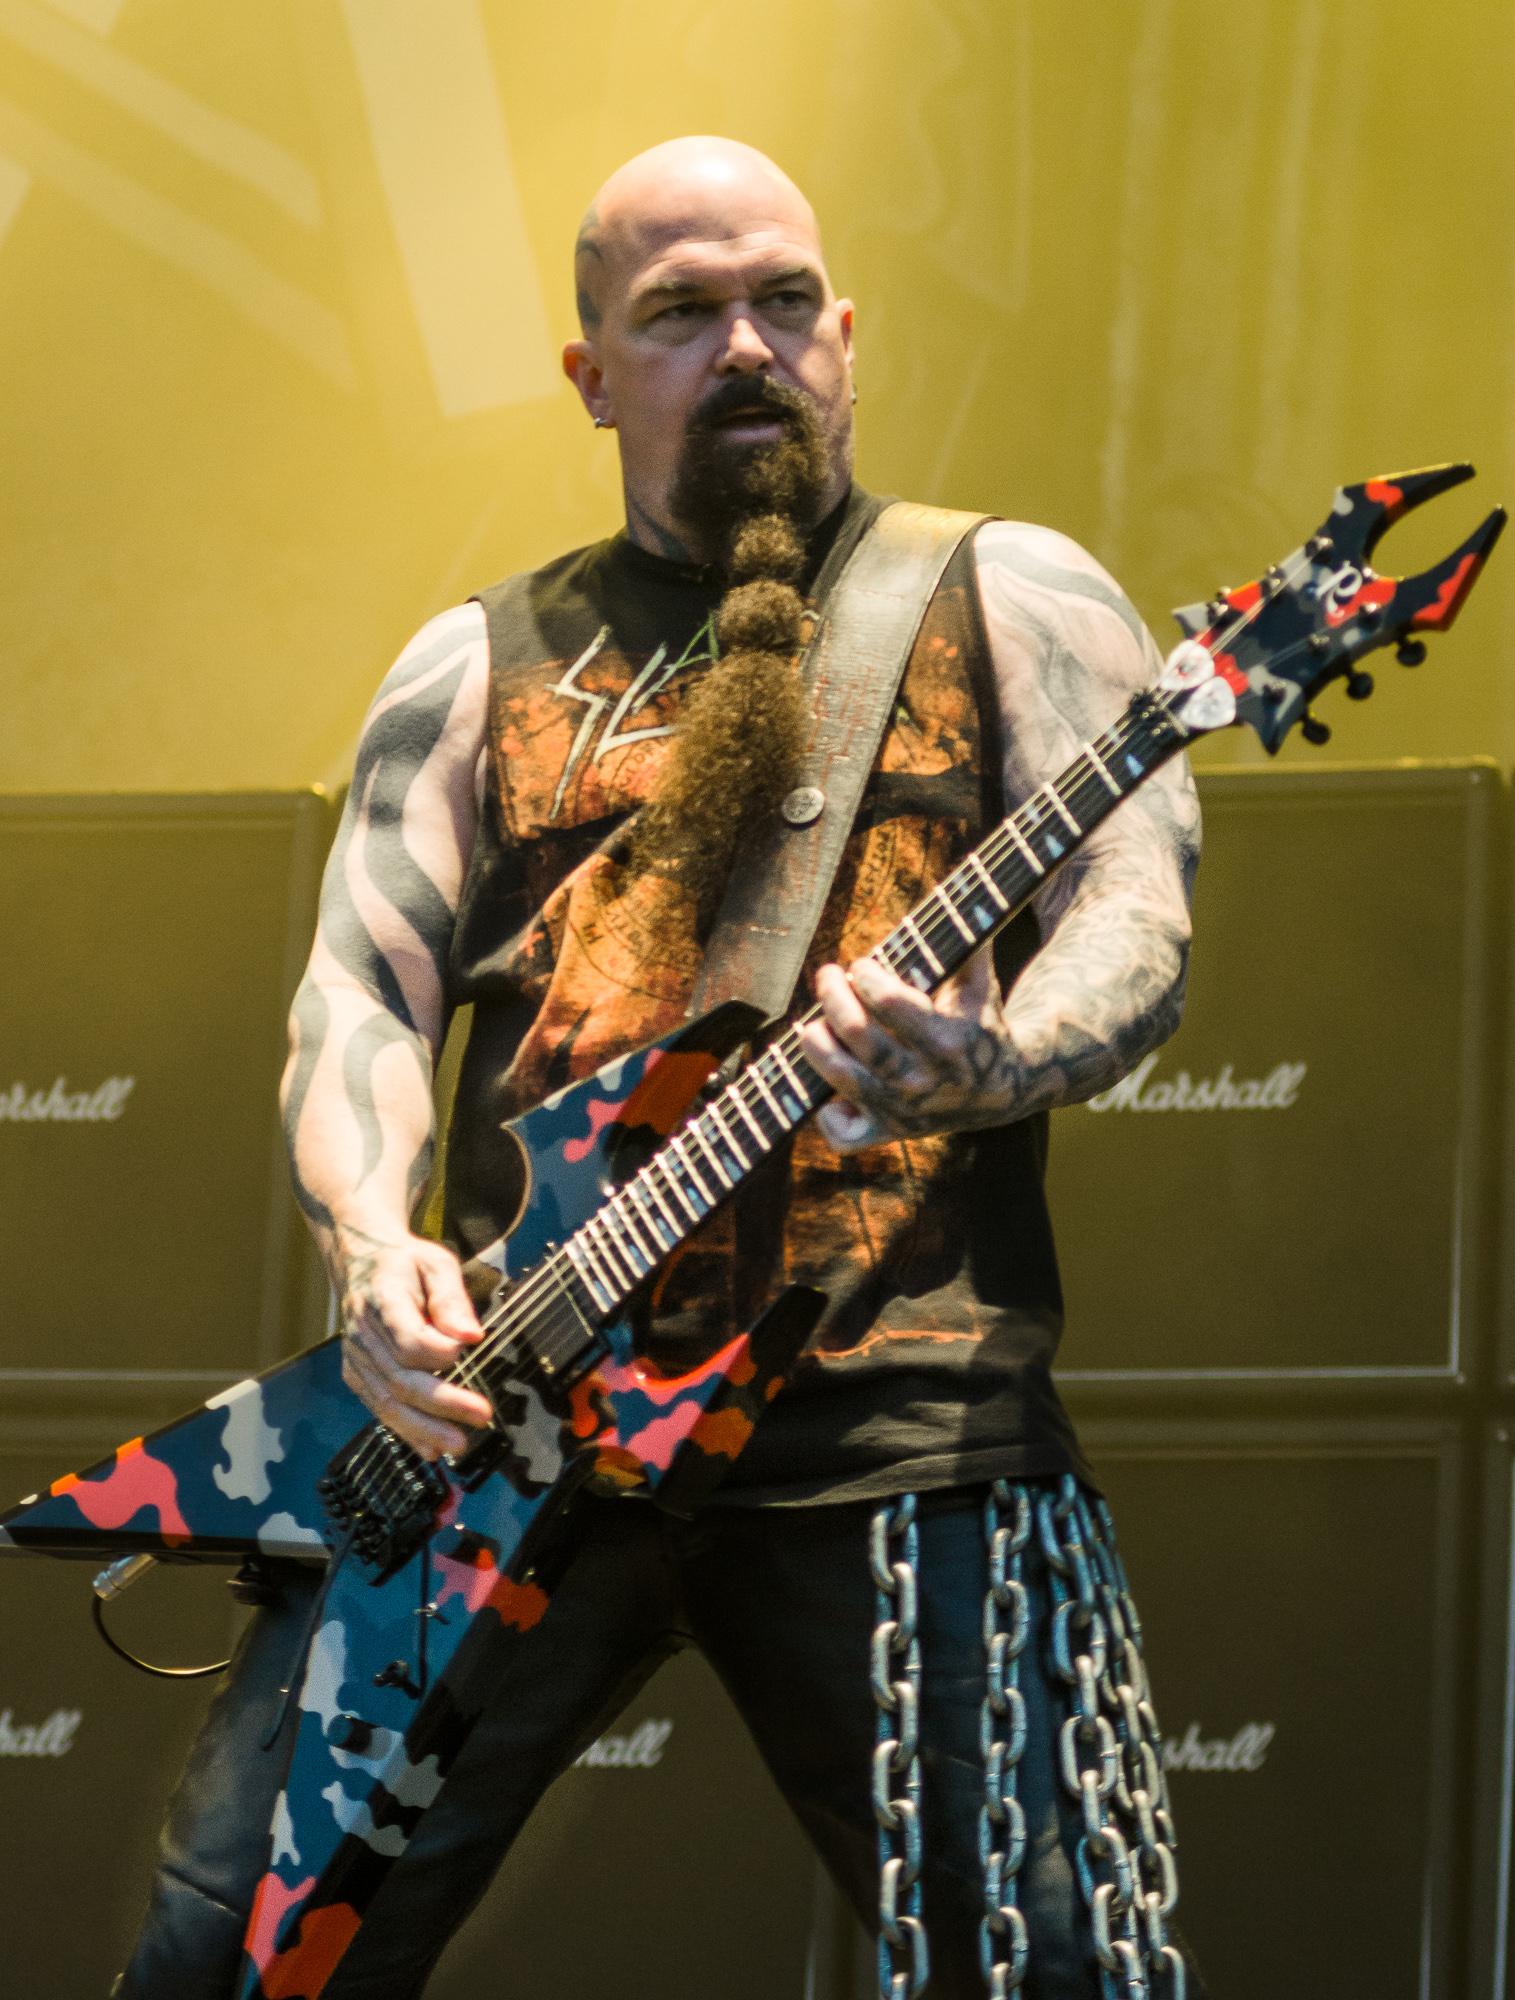 File:Ursynalia 2012, Slayer, Kerry King 01.jpg - Wikimedia ...